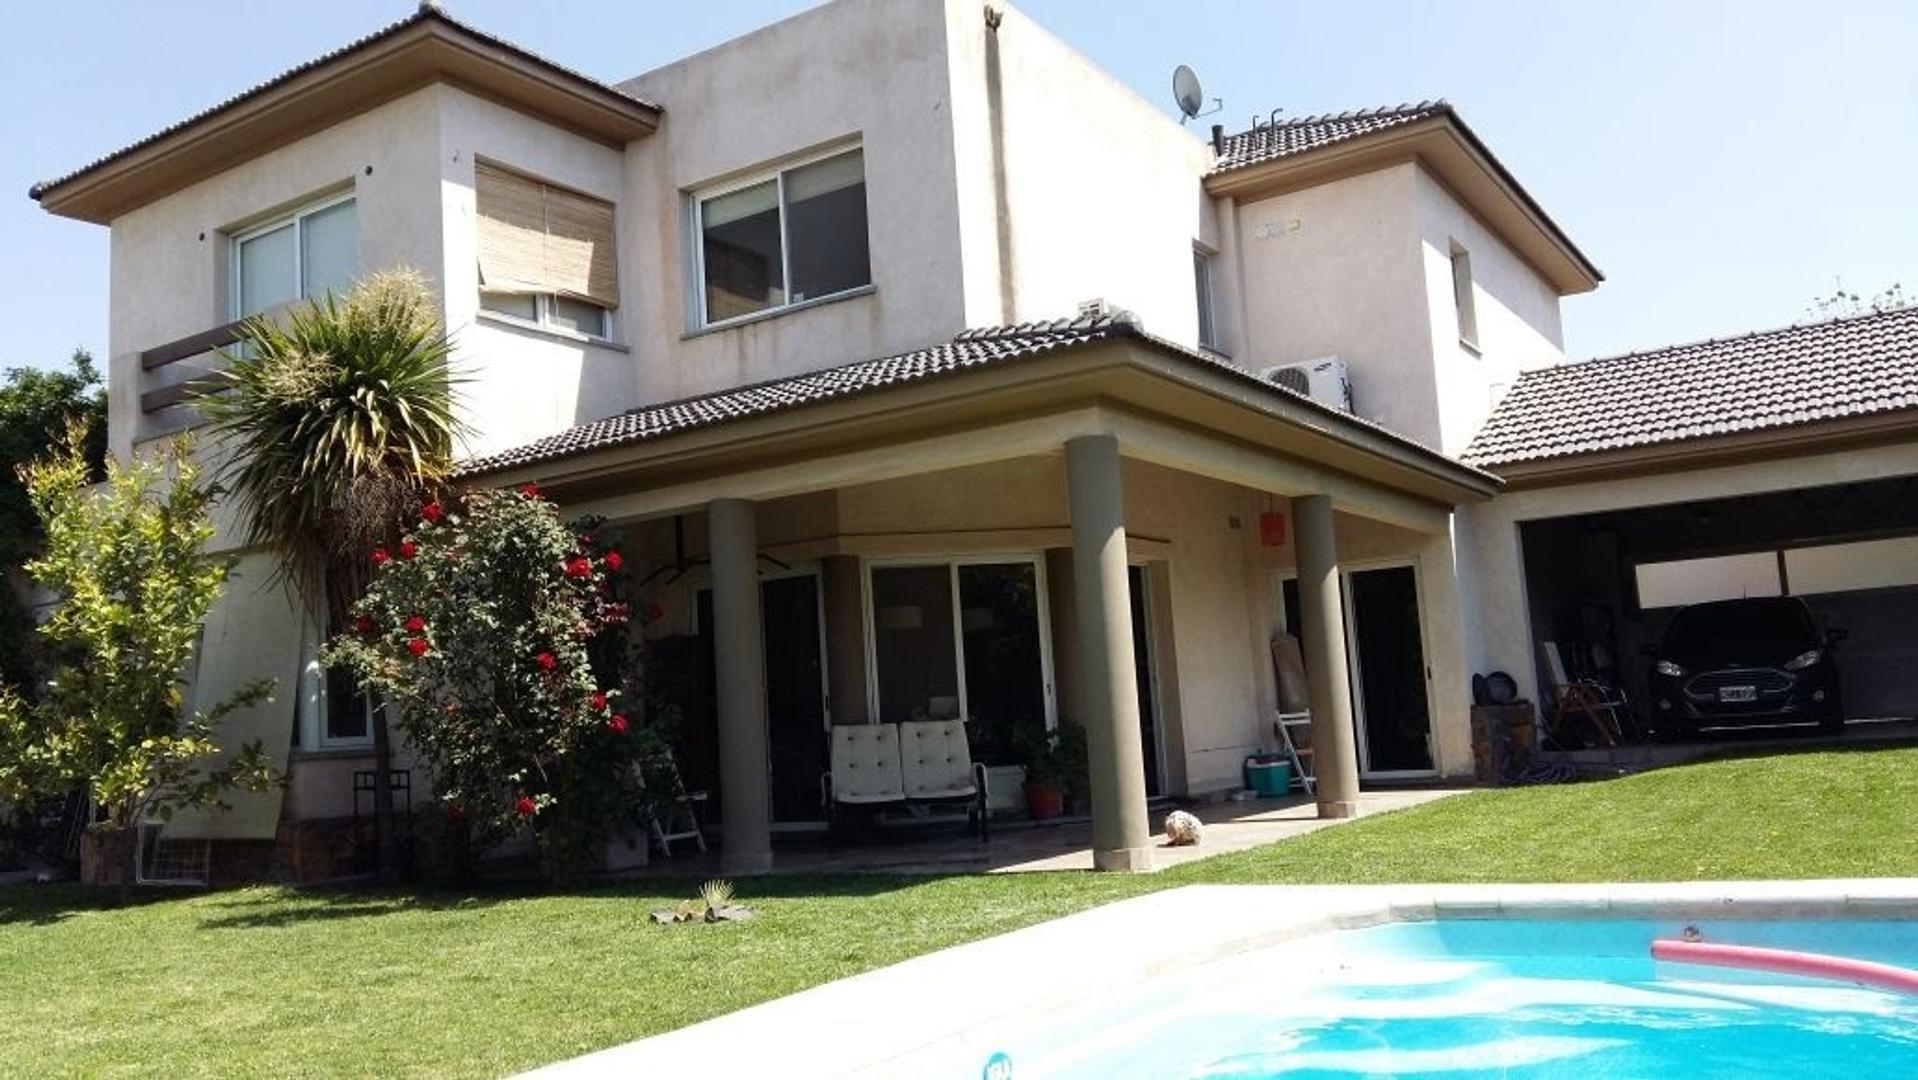 Barrio Privado La Capilla Excelente Casa 2000m2 terreno y piscina- Vistalba - Mendoza-